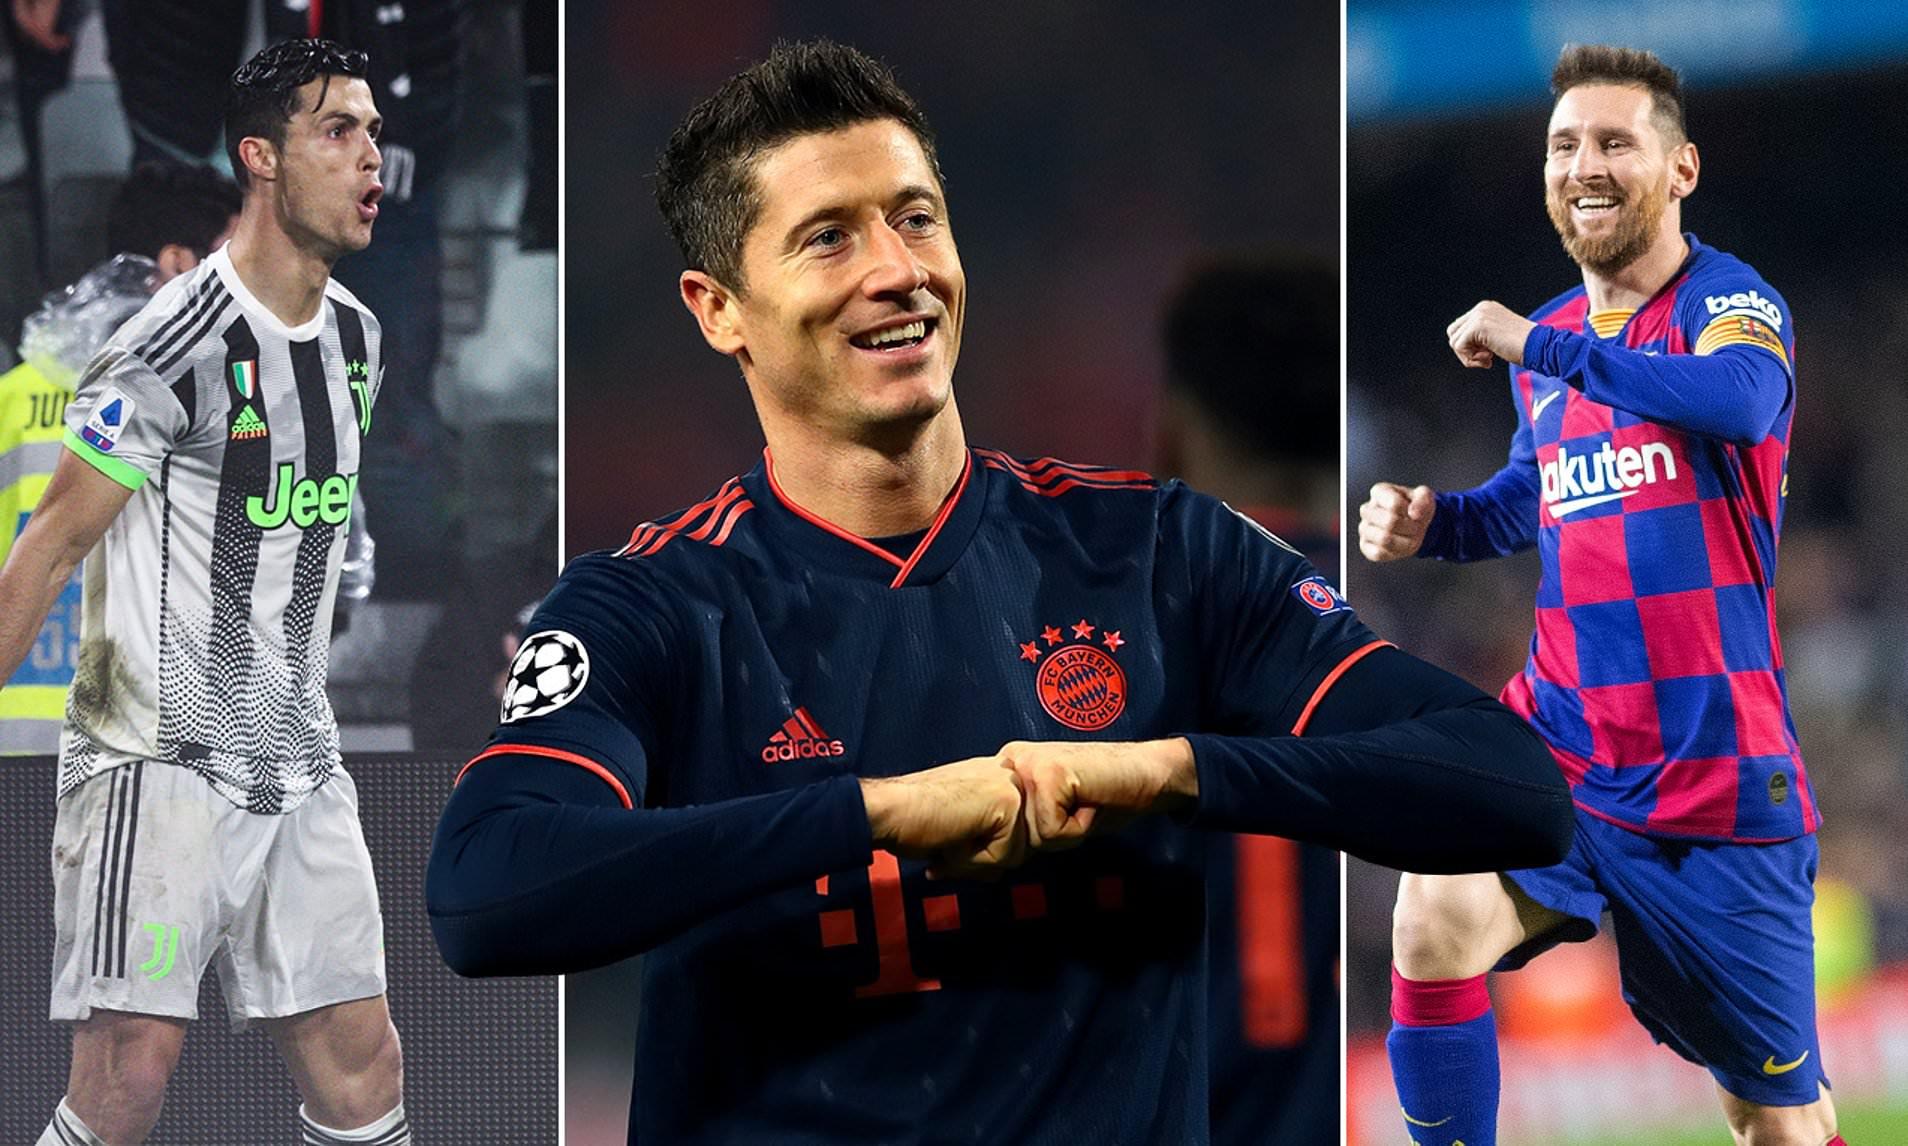 Lewandowski vượt qua Messi và Ronaldo giành giải Cầu thủ xuất sắc nhất FIFA